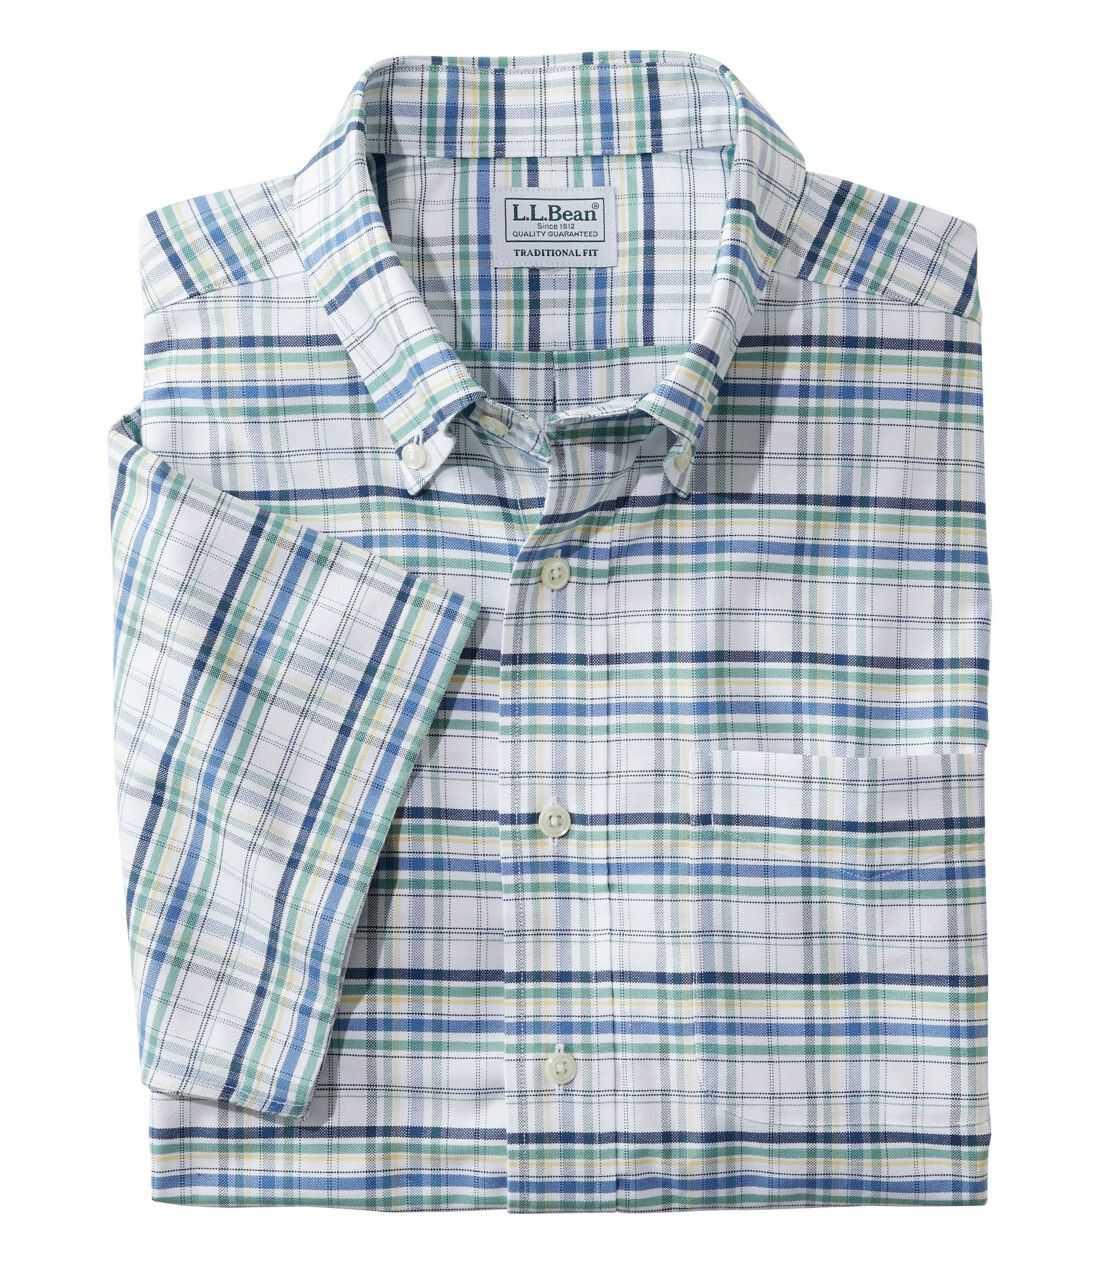 リンクルフリー(形態安定)・クラシック・オックスフォード・クロス・シャツ、半袖 プラッド